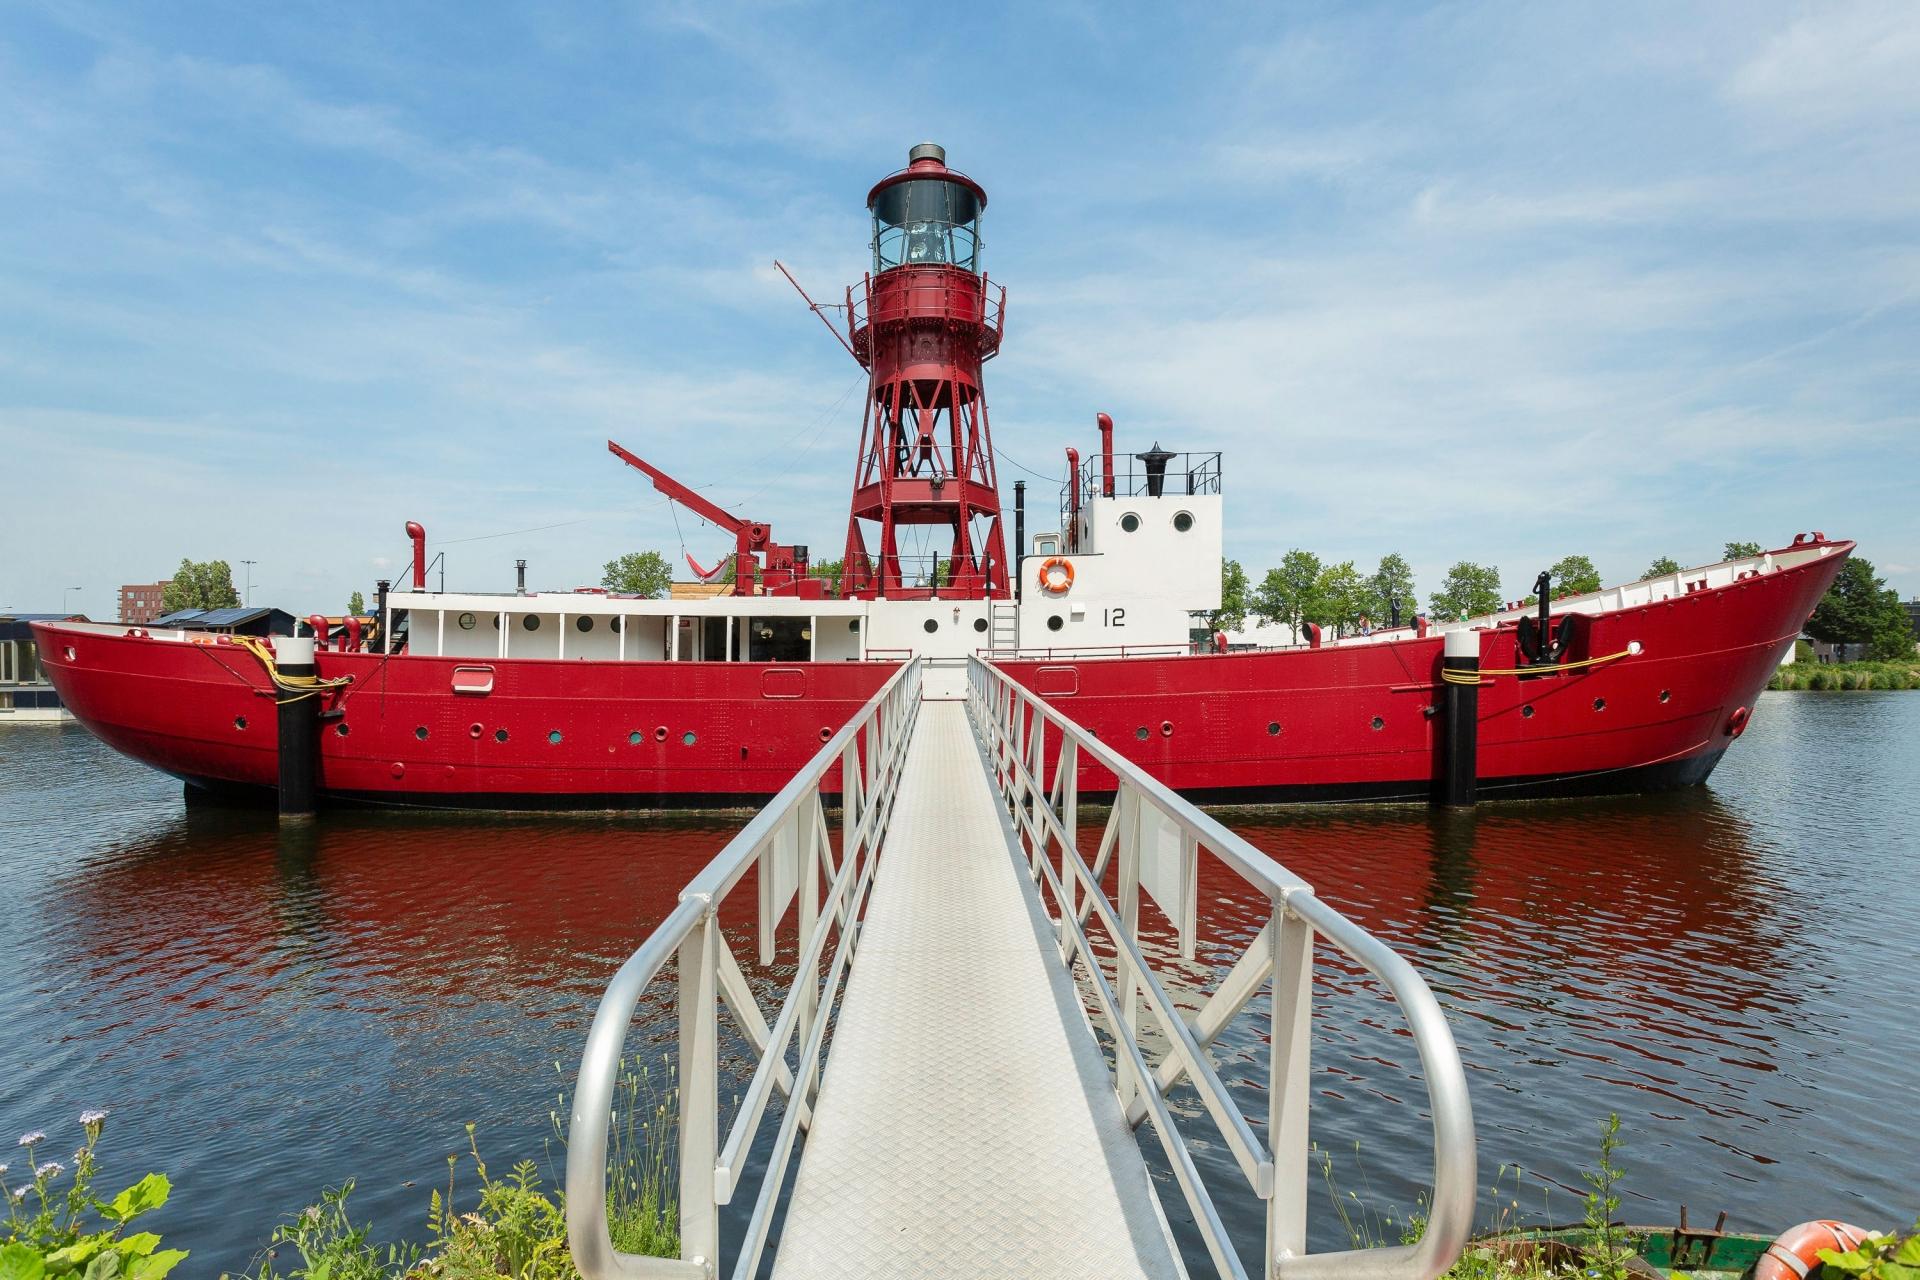 Khách sạn đẳng cấp bên trong con thuyền hải đăng 70 năm tuổi